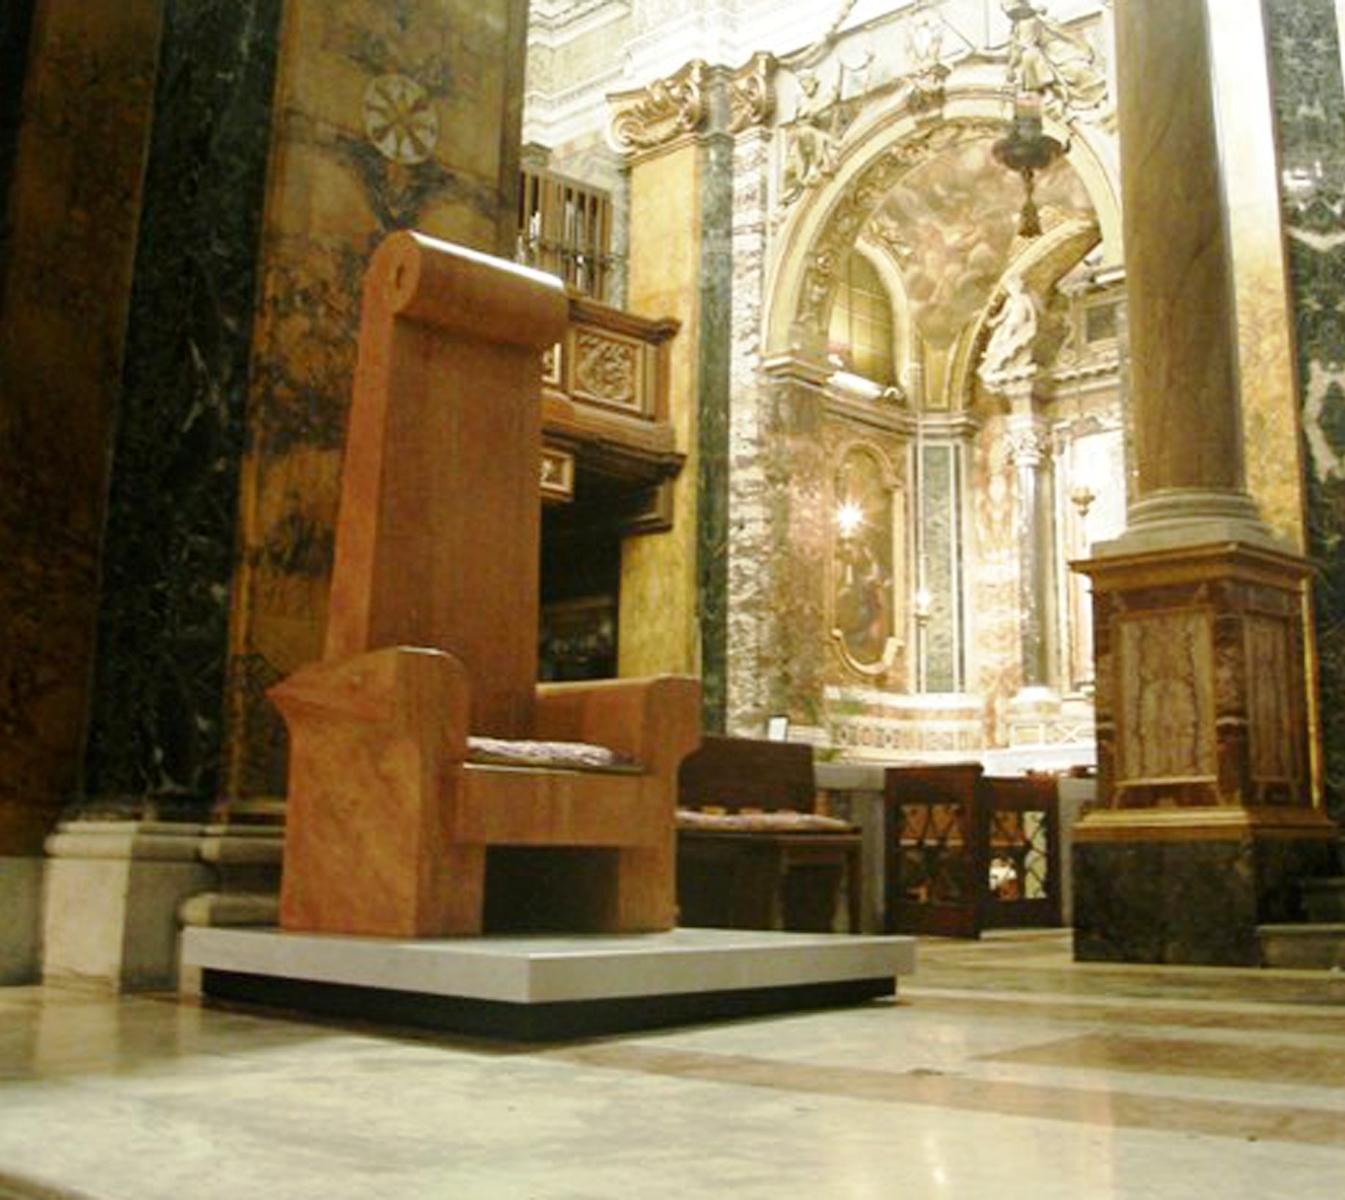 Una cattedra vescovile, è la nuova opera di Genti Tavanxhiu